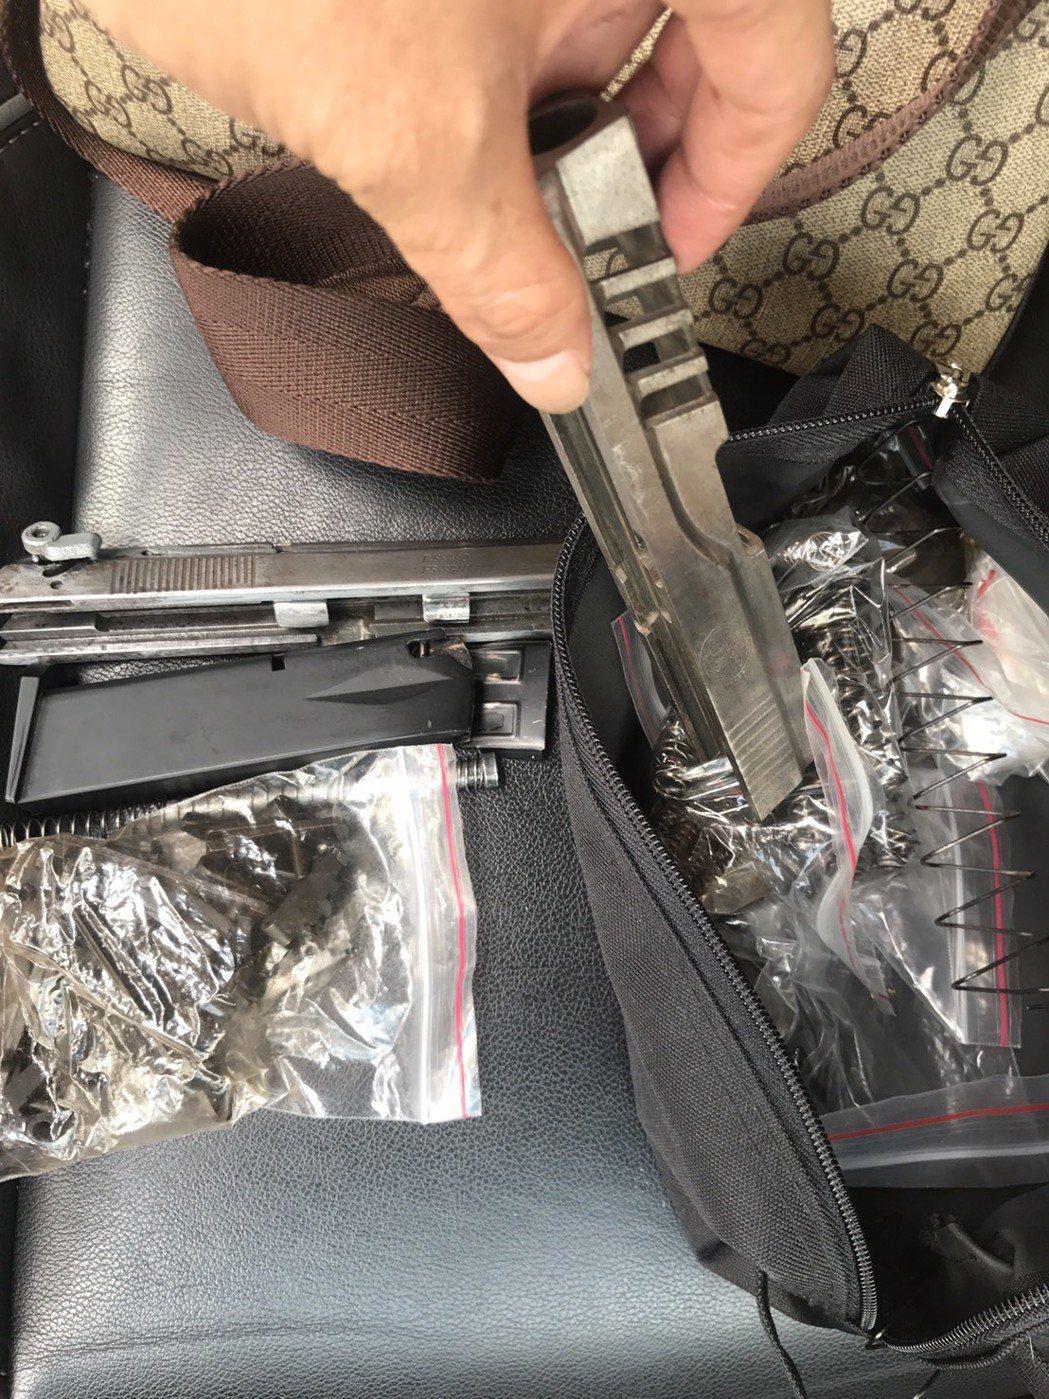 警方在陳嫌隨身包包查扣到已經拆解的改造手槍。記者林昭彰/翻攝